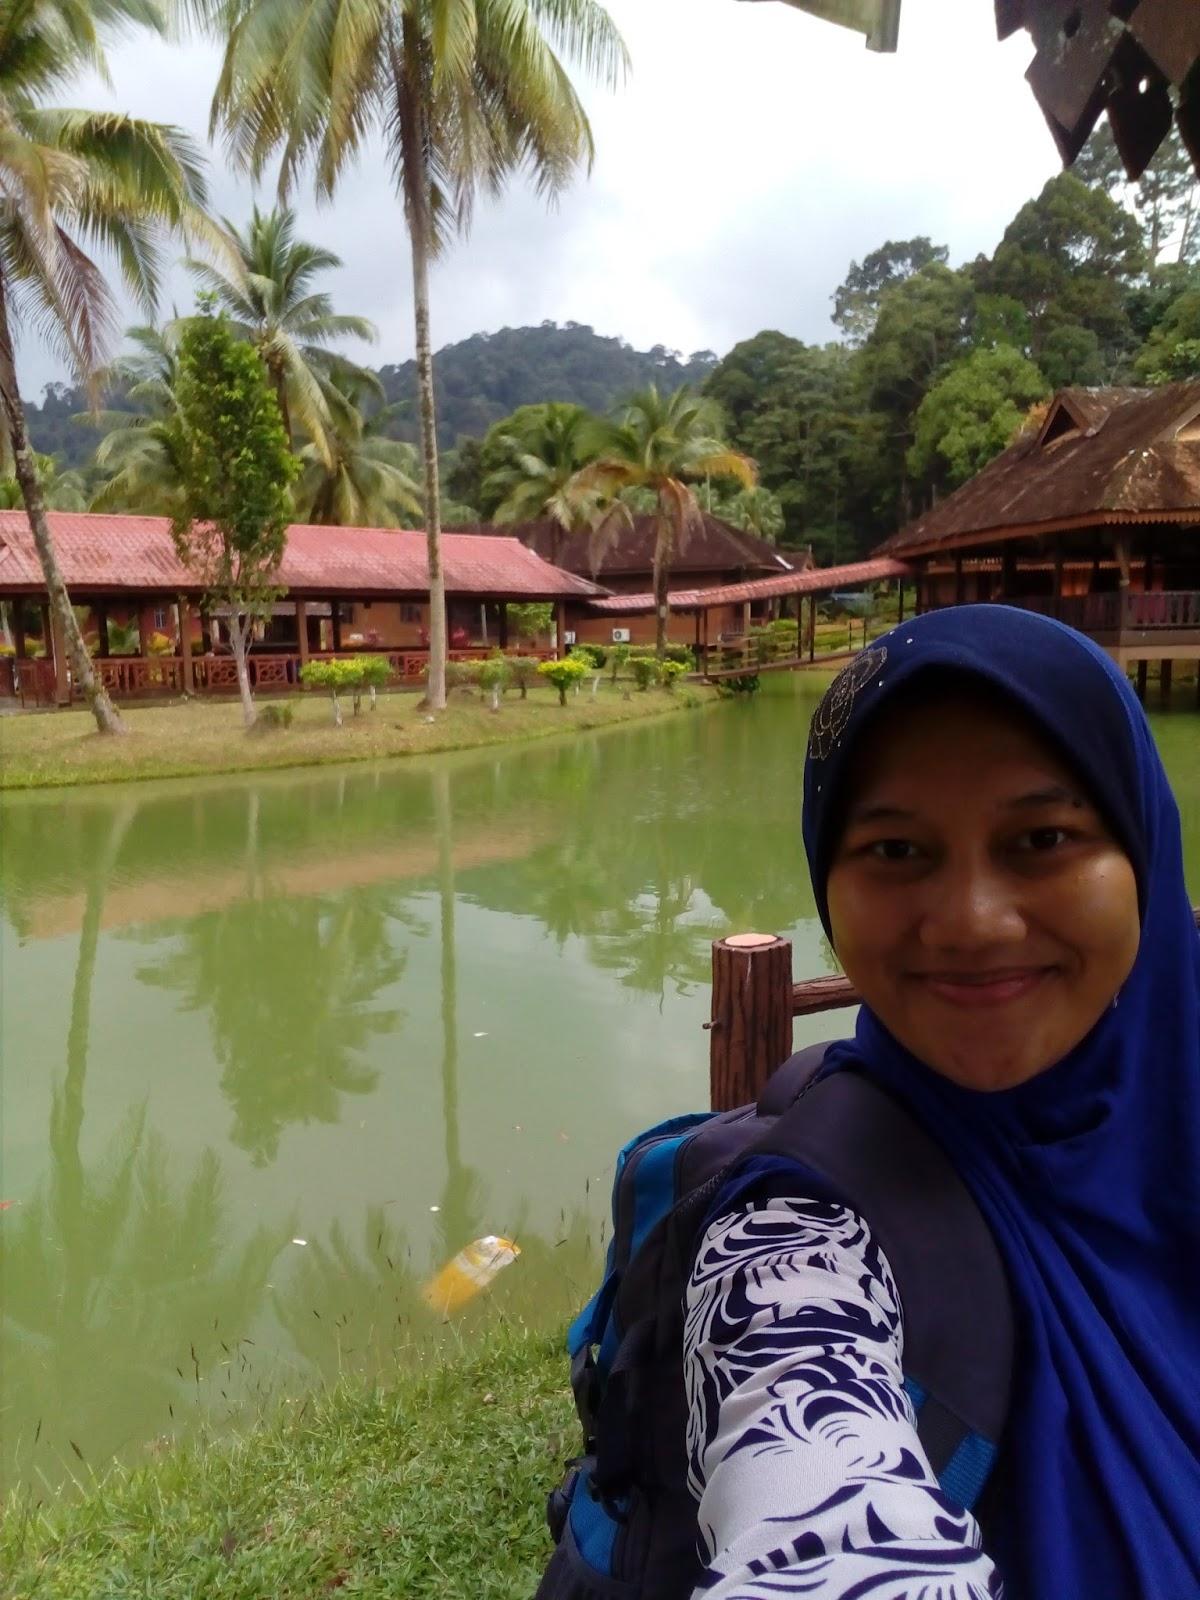 Kembara KBBA9 Ke Peladang Setiu Agro Resort - Part 2